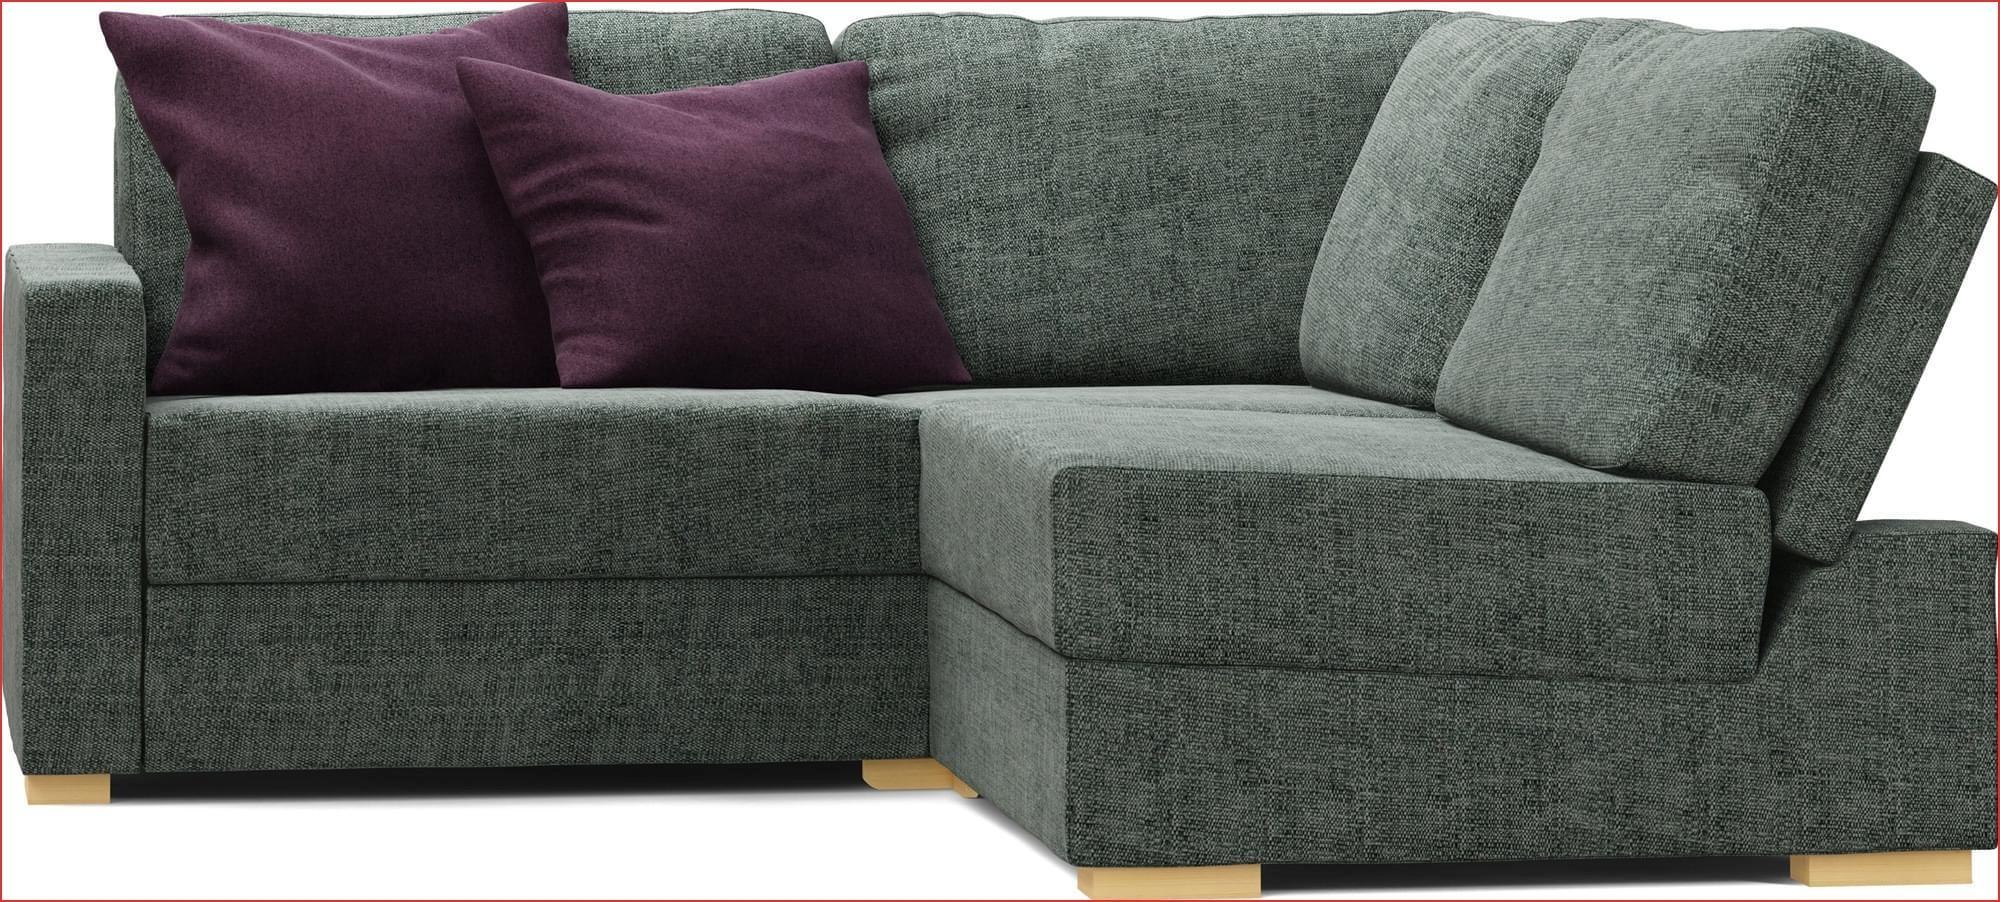 2×2 corner sofa – Home Decor 88